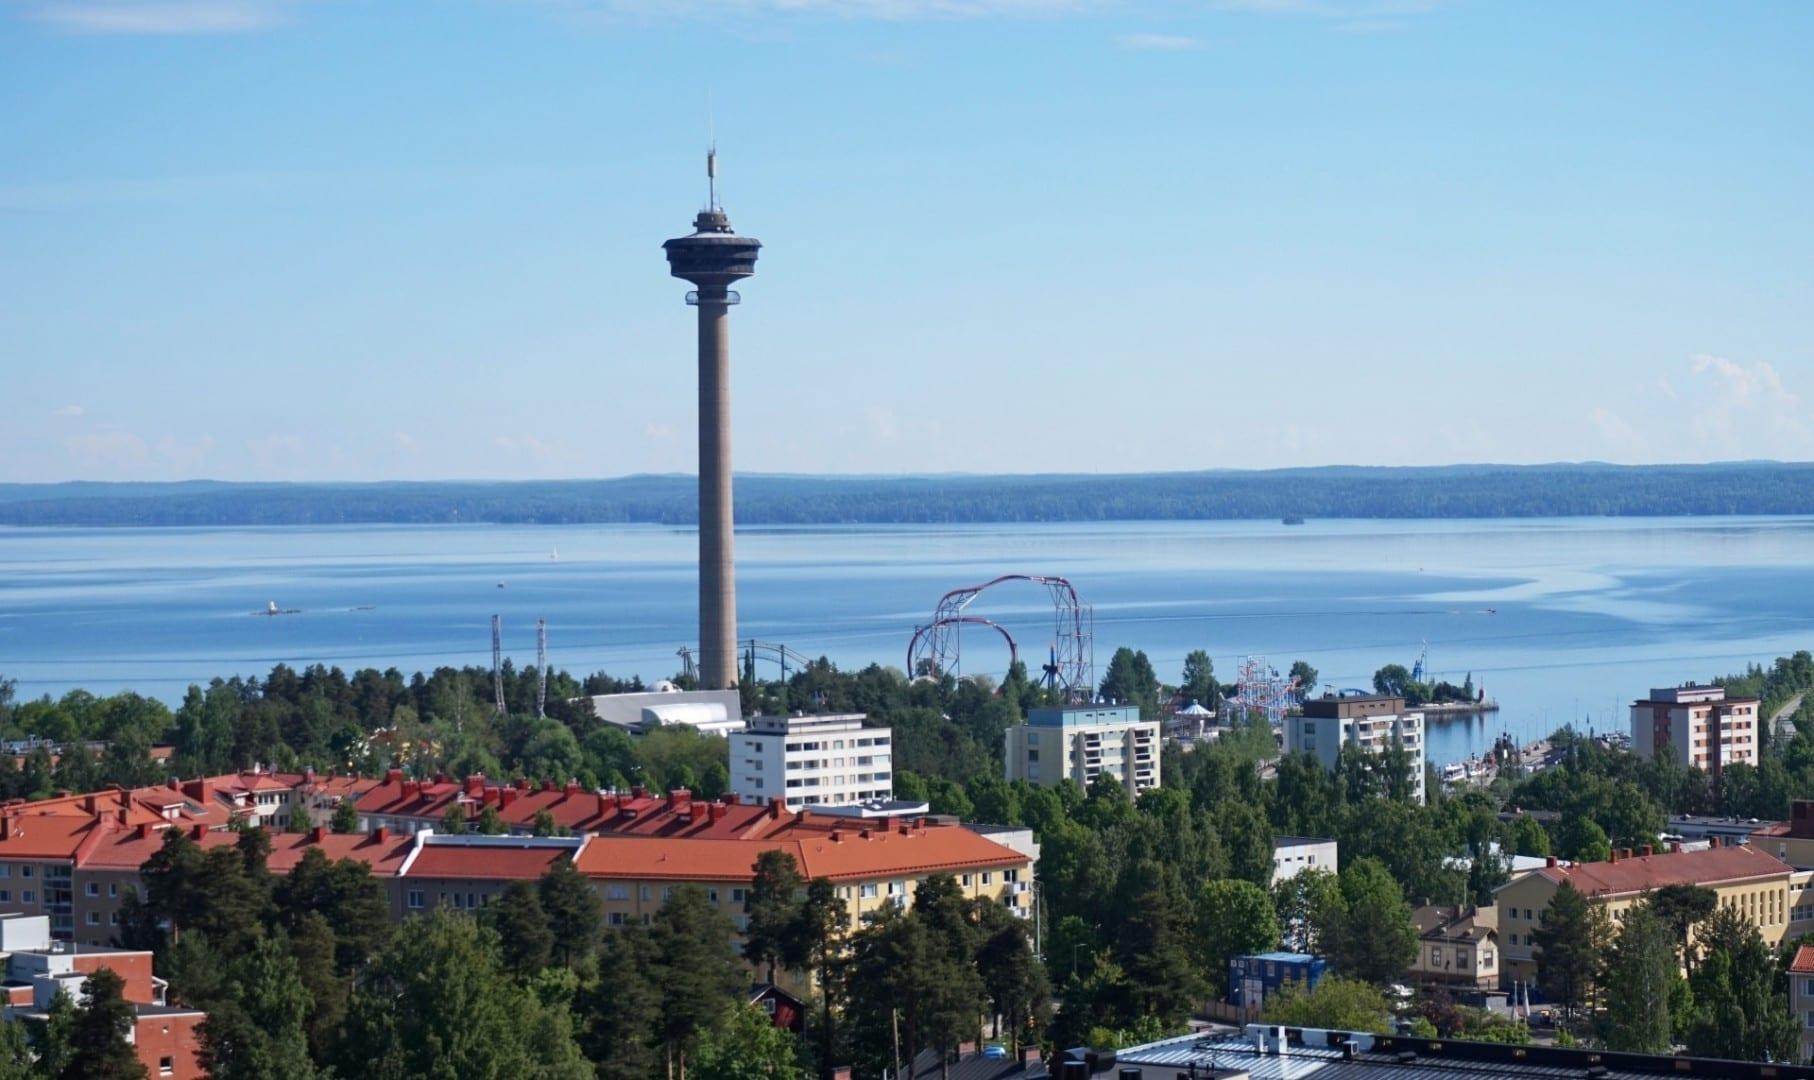 Vista de la torre de Näsinneula en Tampere Tampere Finlandia